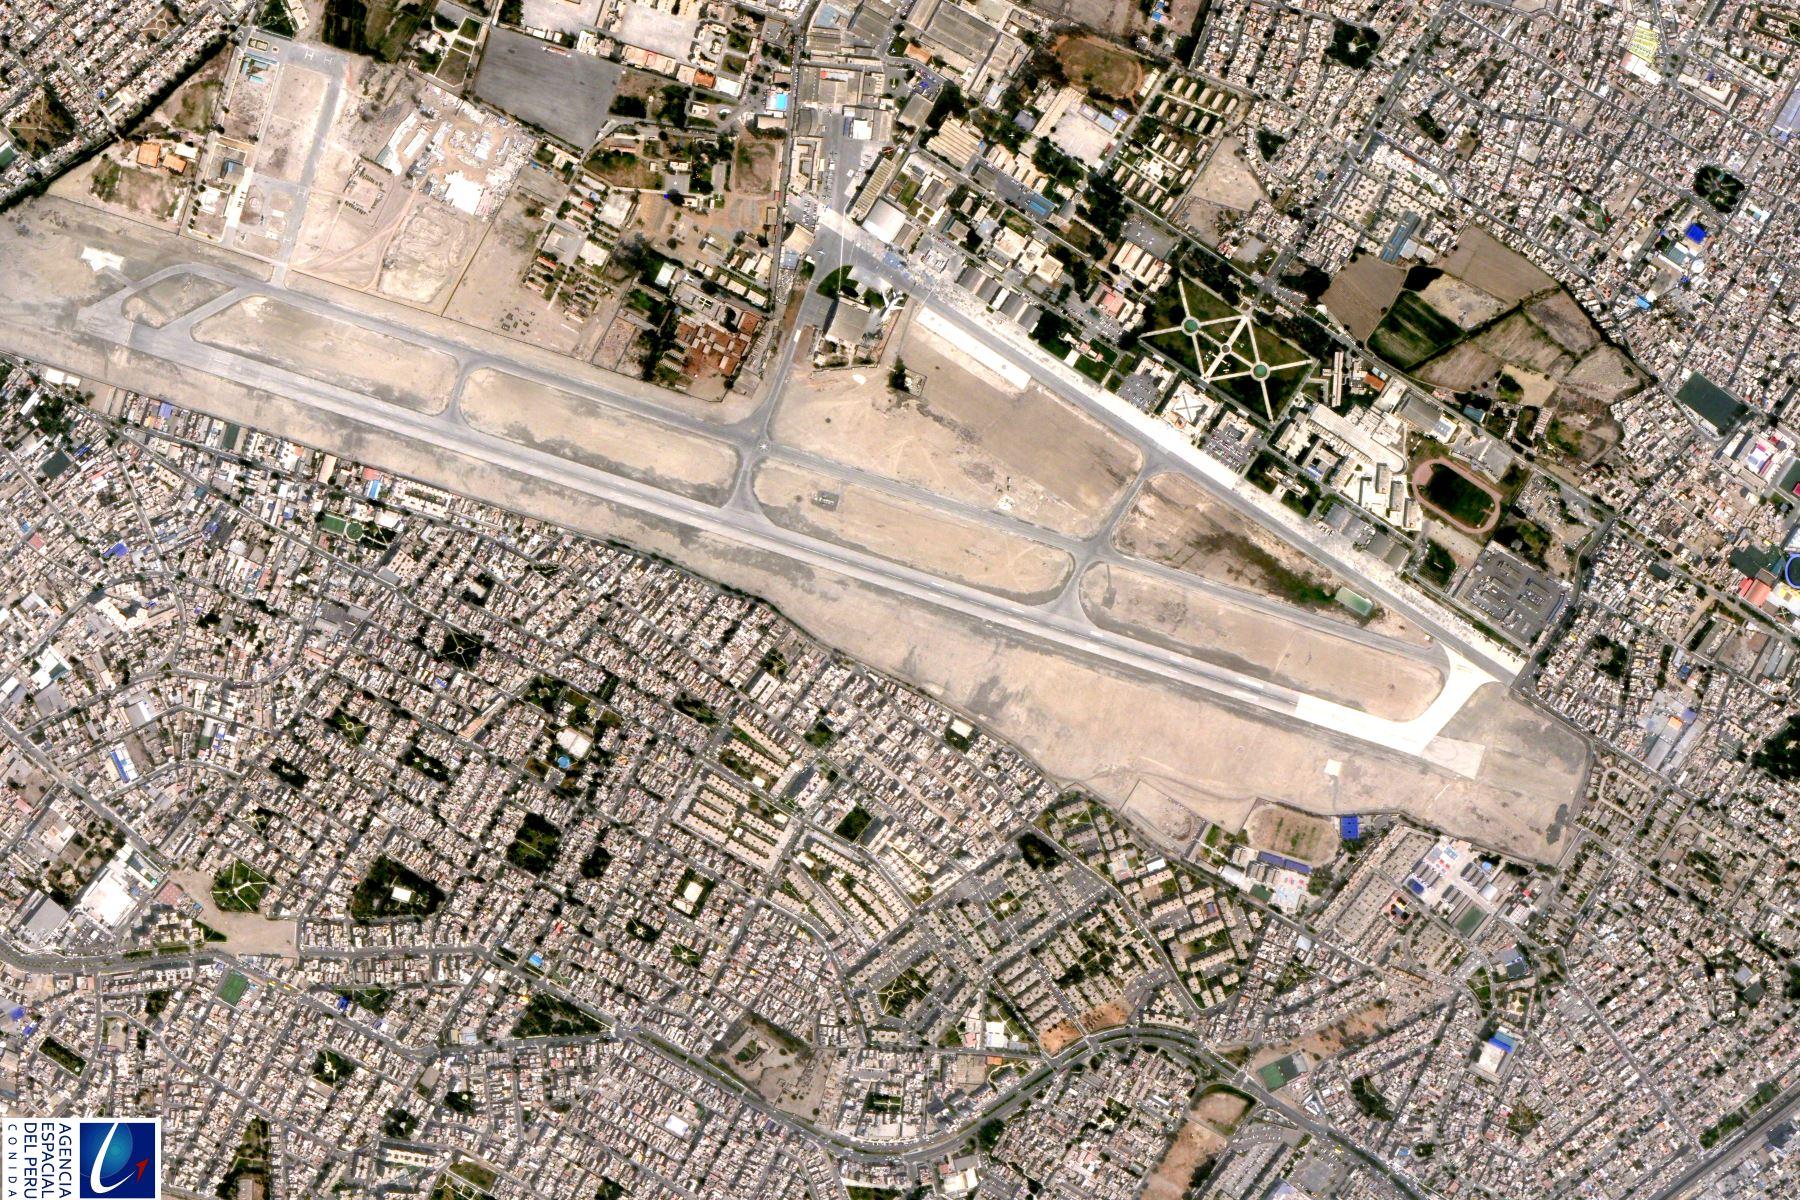 Así se ve base aérea Las Palmas desde el Perú SAT 1. Foto: ANDINA/Difusión